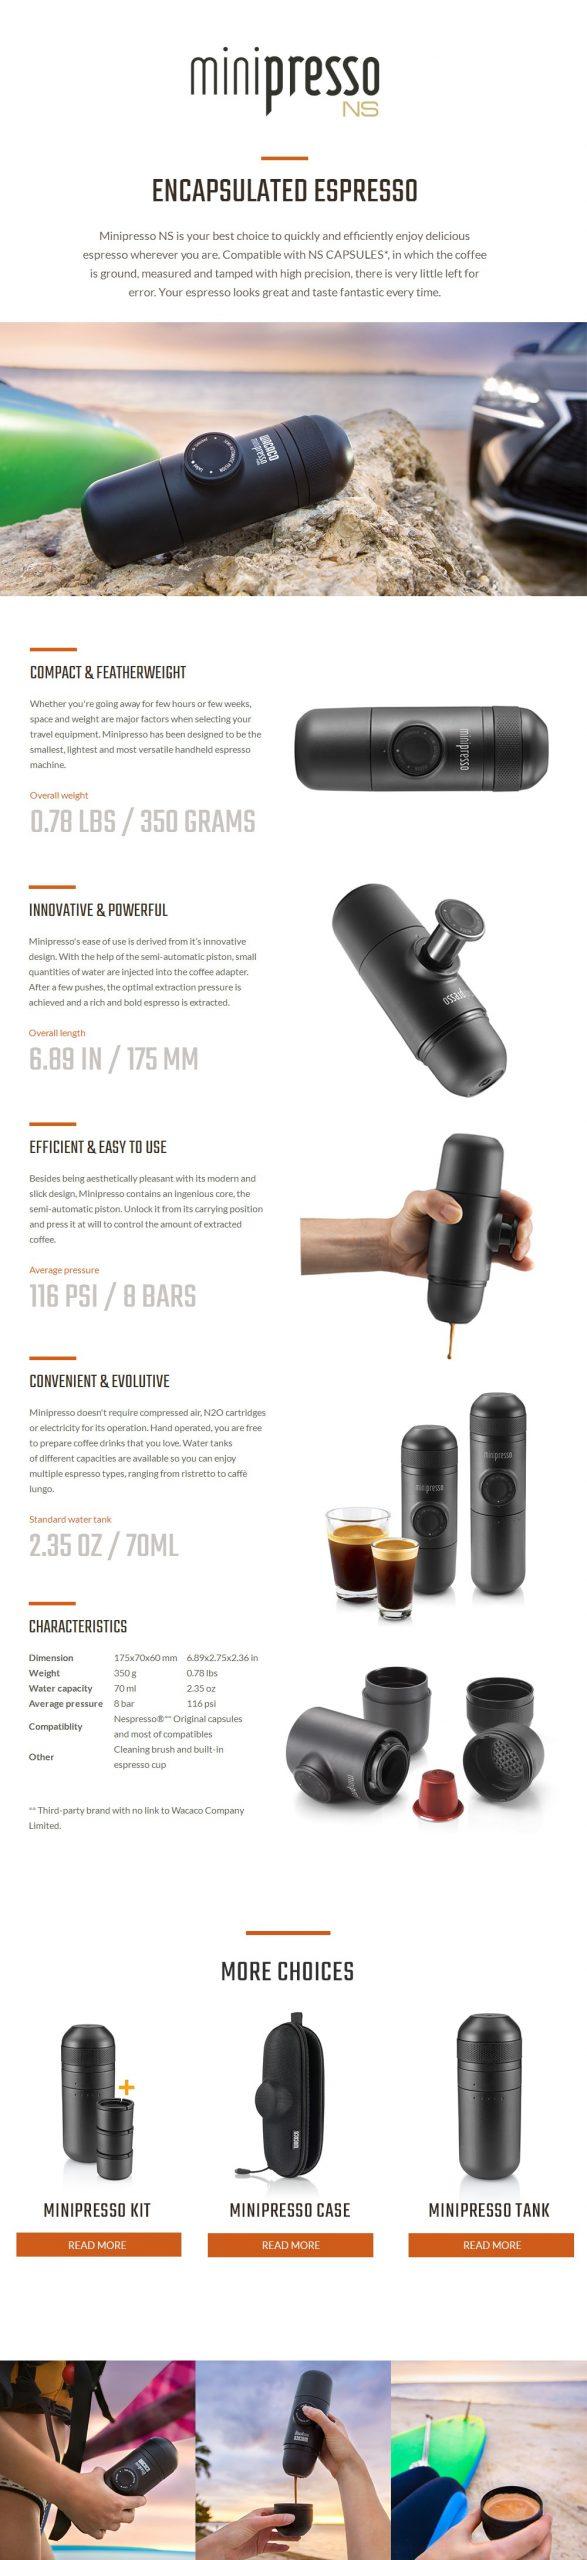 Wacaco Minipresso NS, Portable Espresso Coffee Machine, Compatible NS Capsules*, Small Travel Coffee Maker,Mini coffee machine.